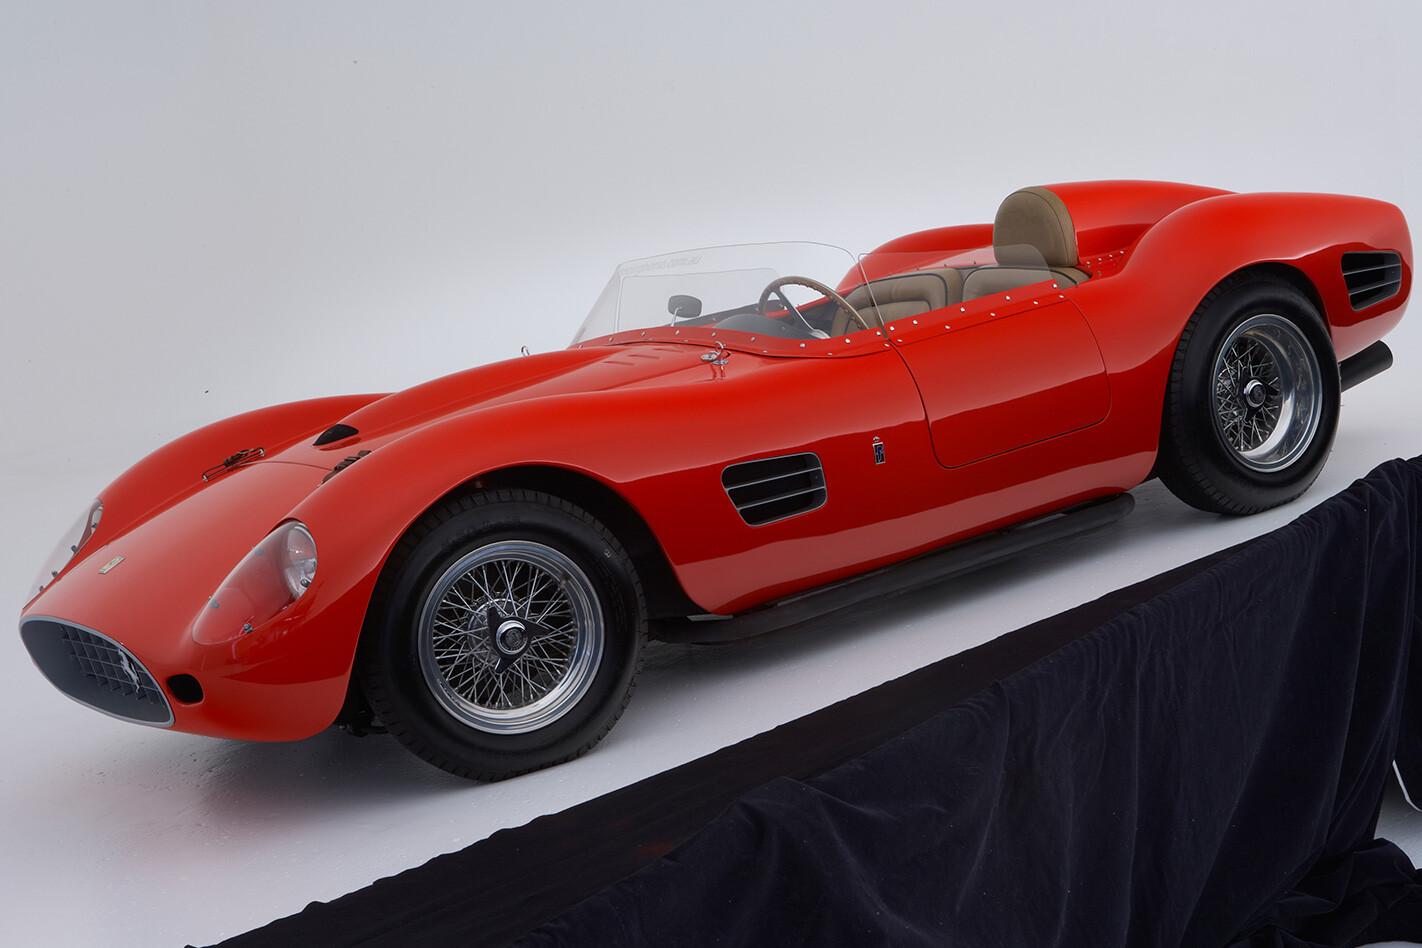 1959 Ferrari 250 Testa Rossa side profile